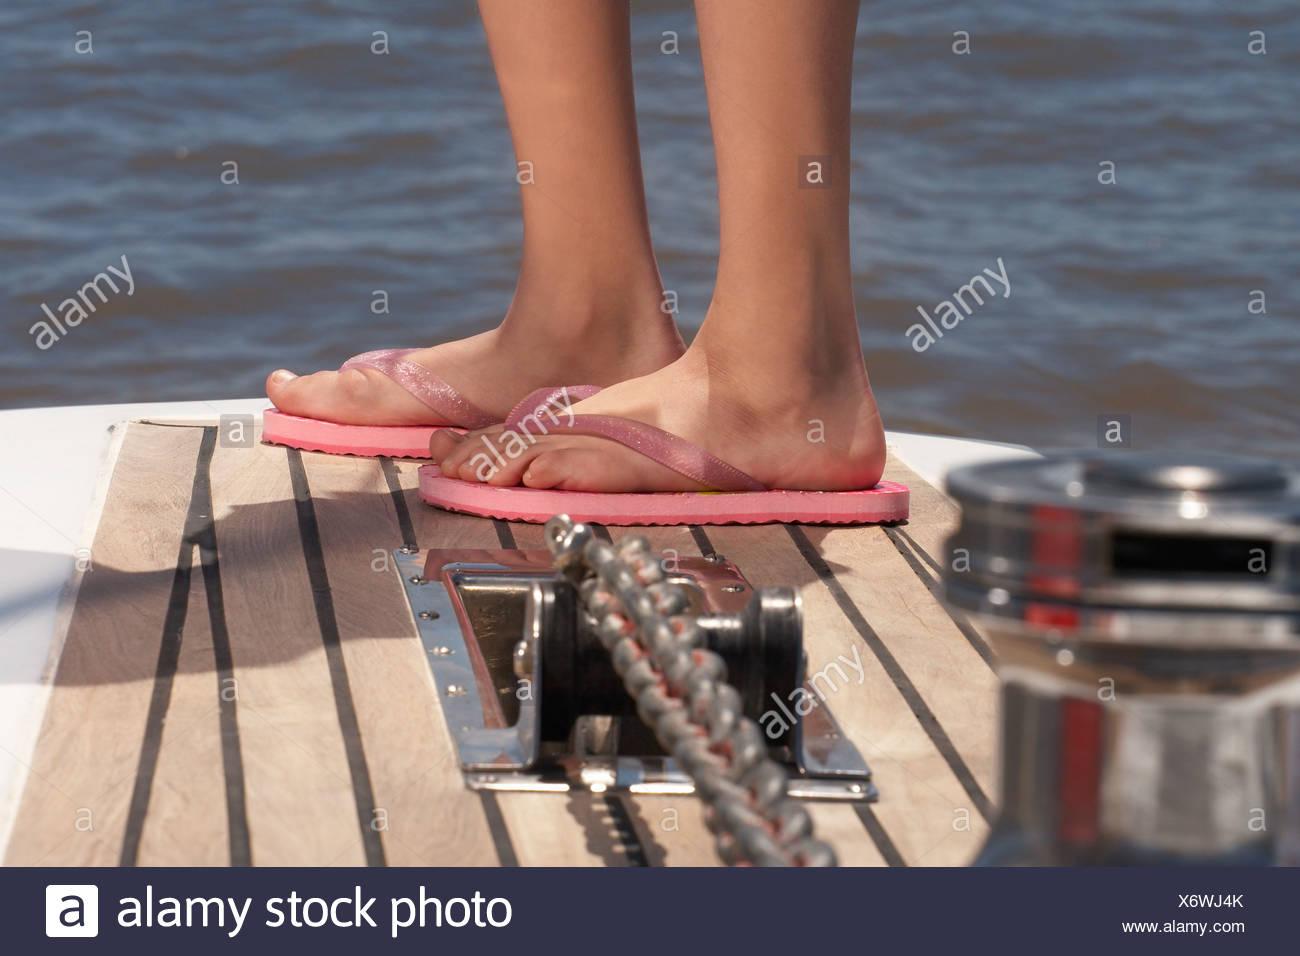 Dettaglio della ragazza in piedi indossando le infradito Immagini Stock